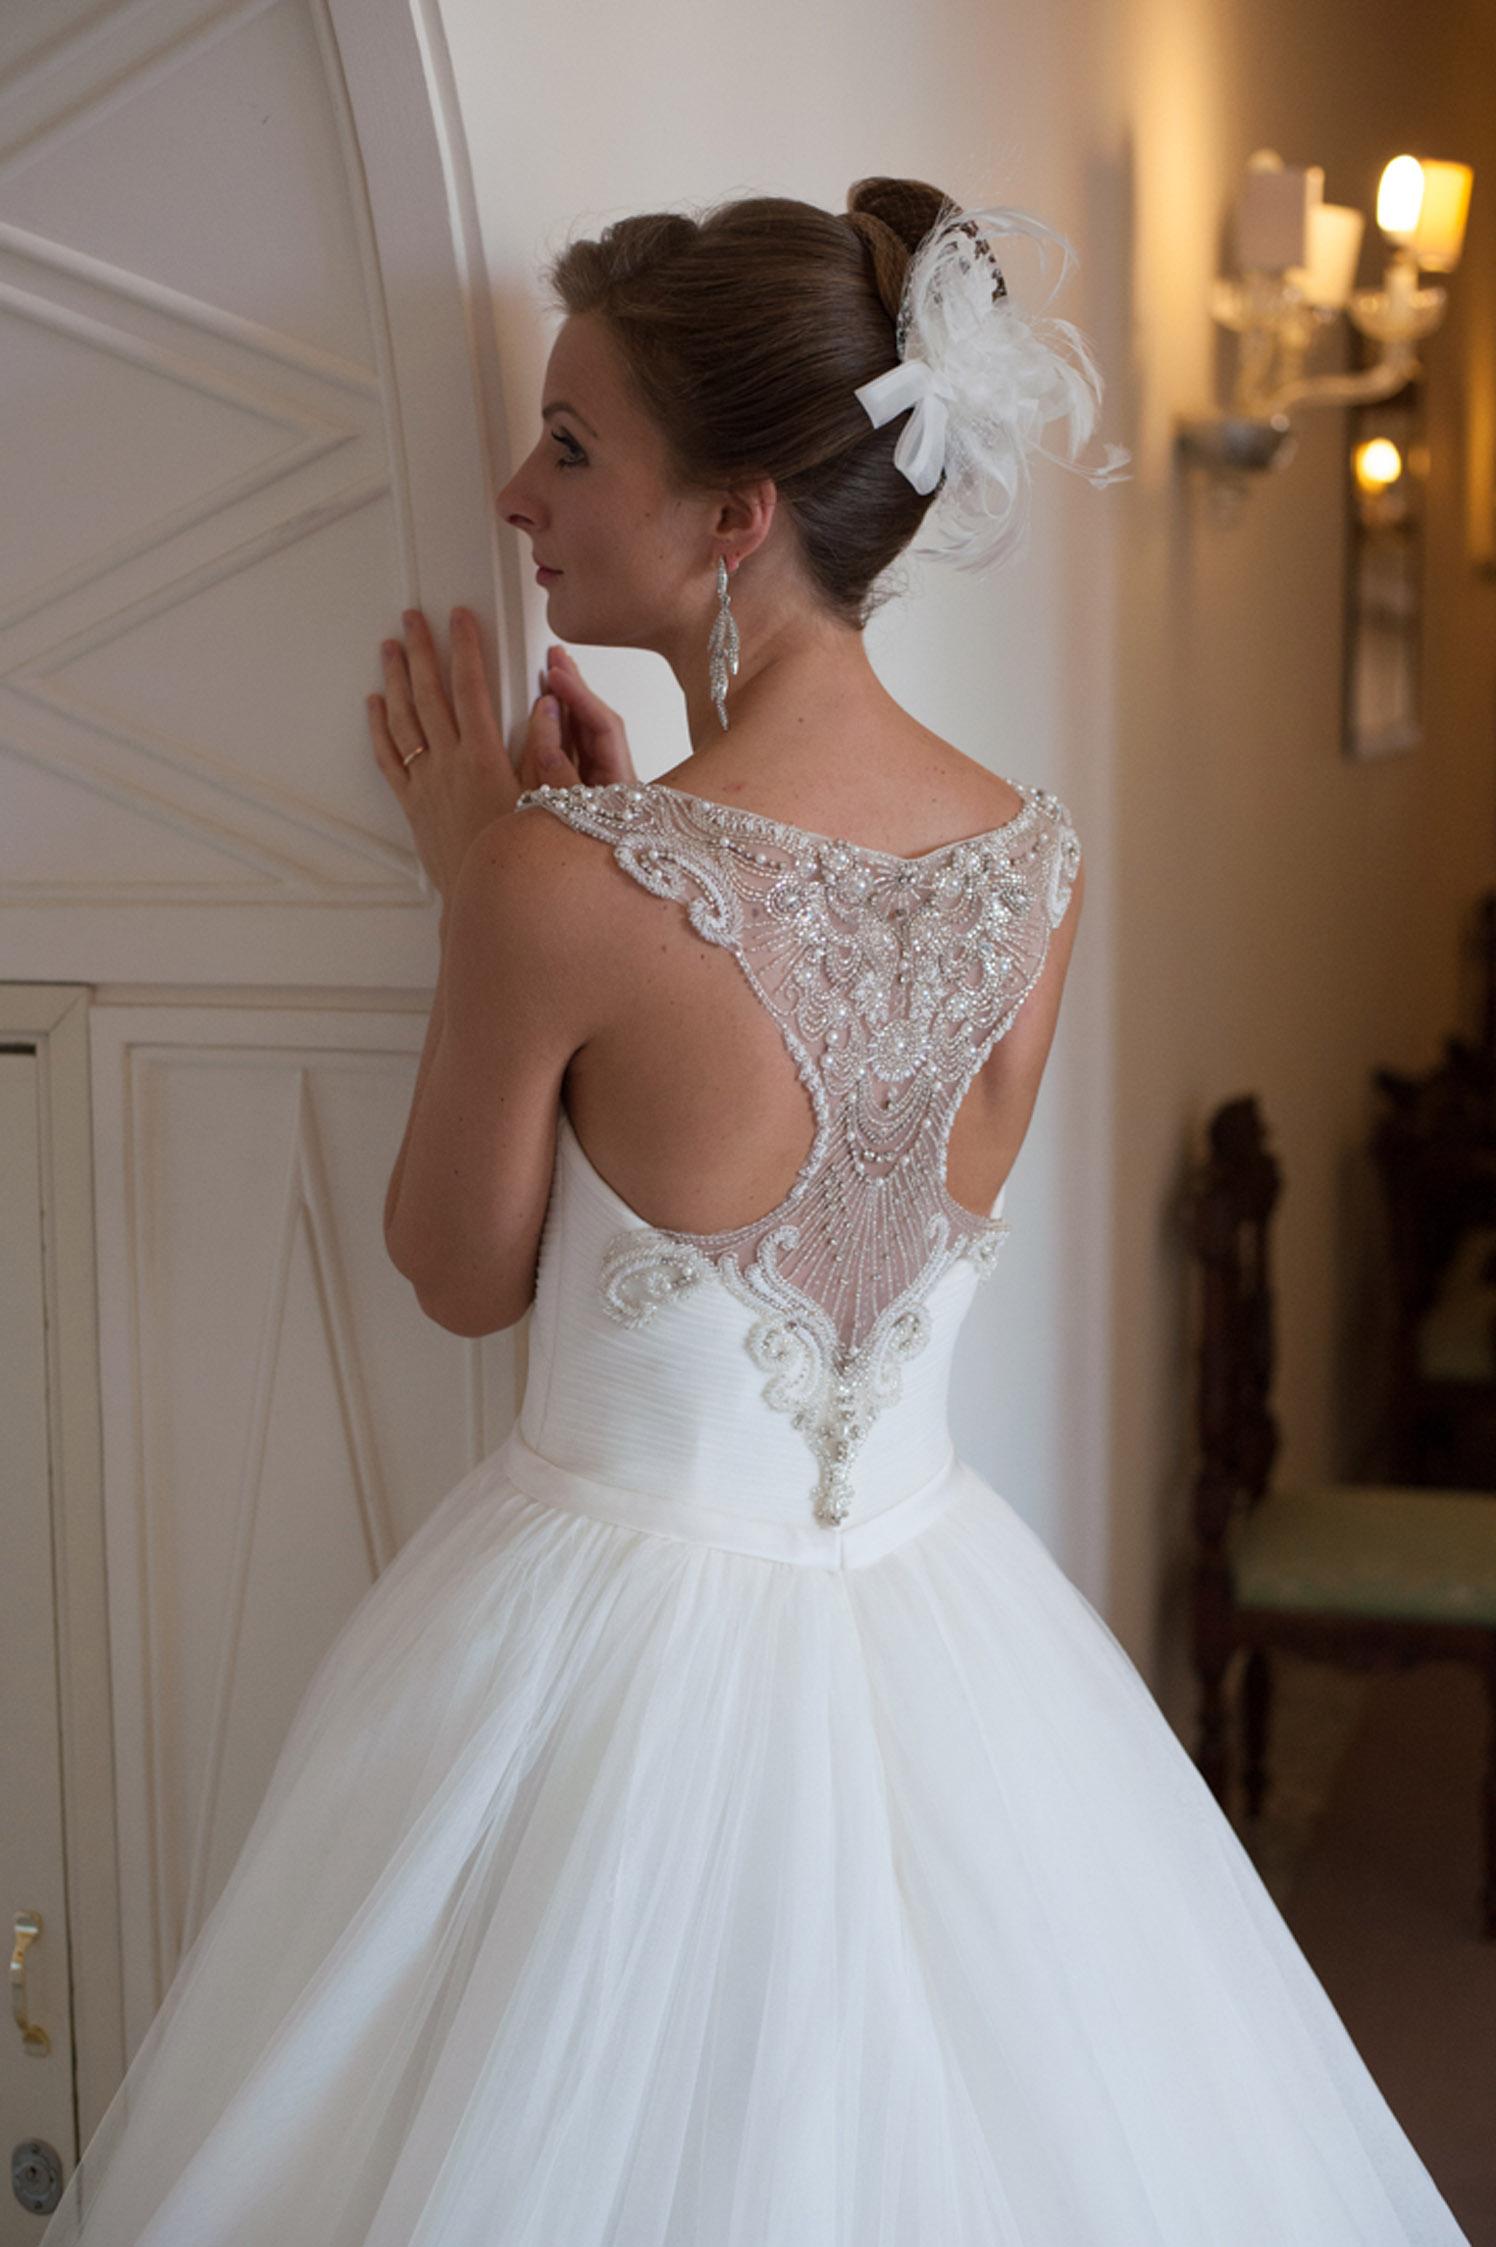 56-Negozio-Abiti-da-Sposa-Matrimonio-da-Principessa-Treviso